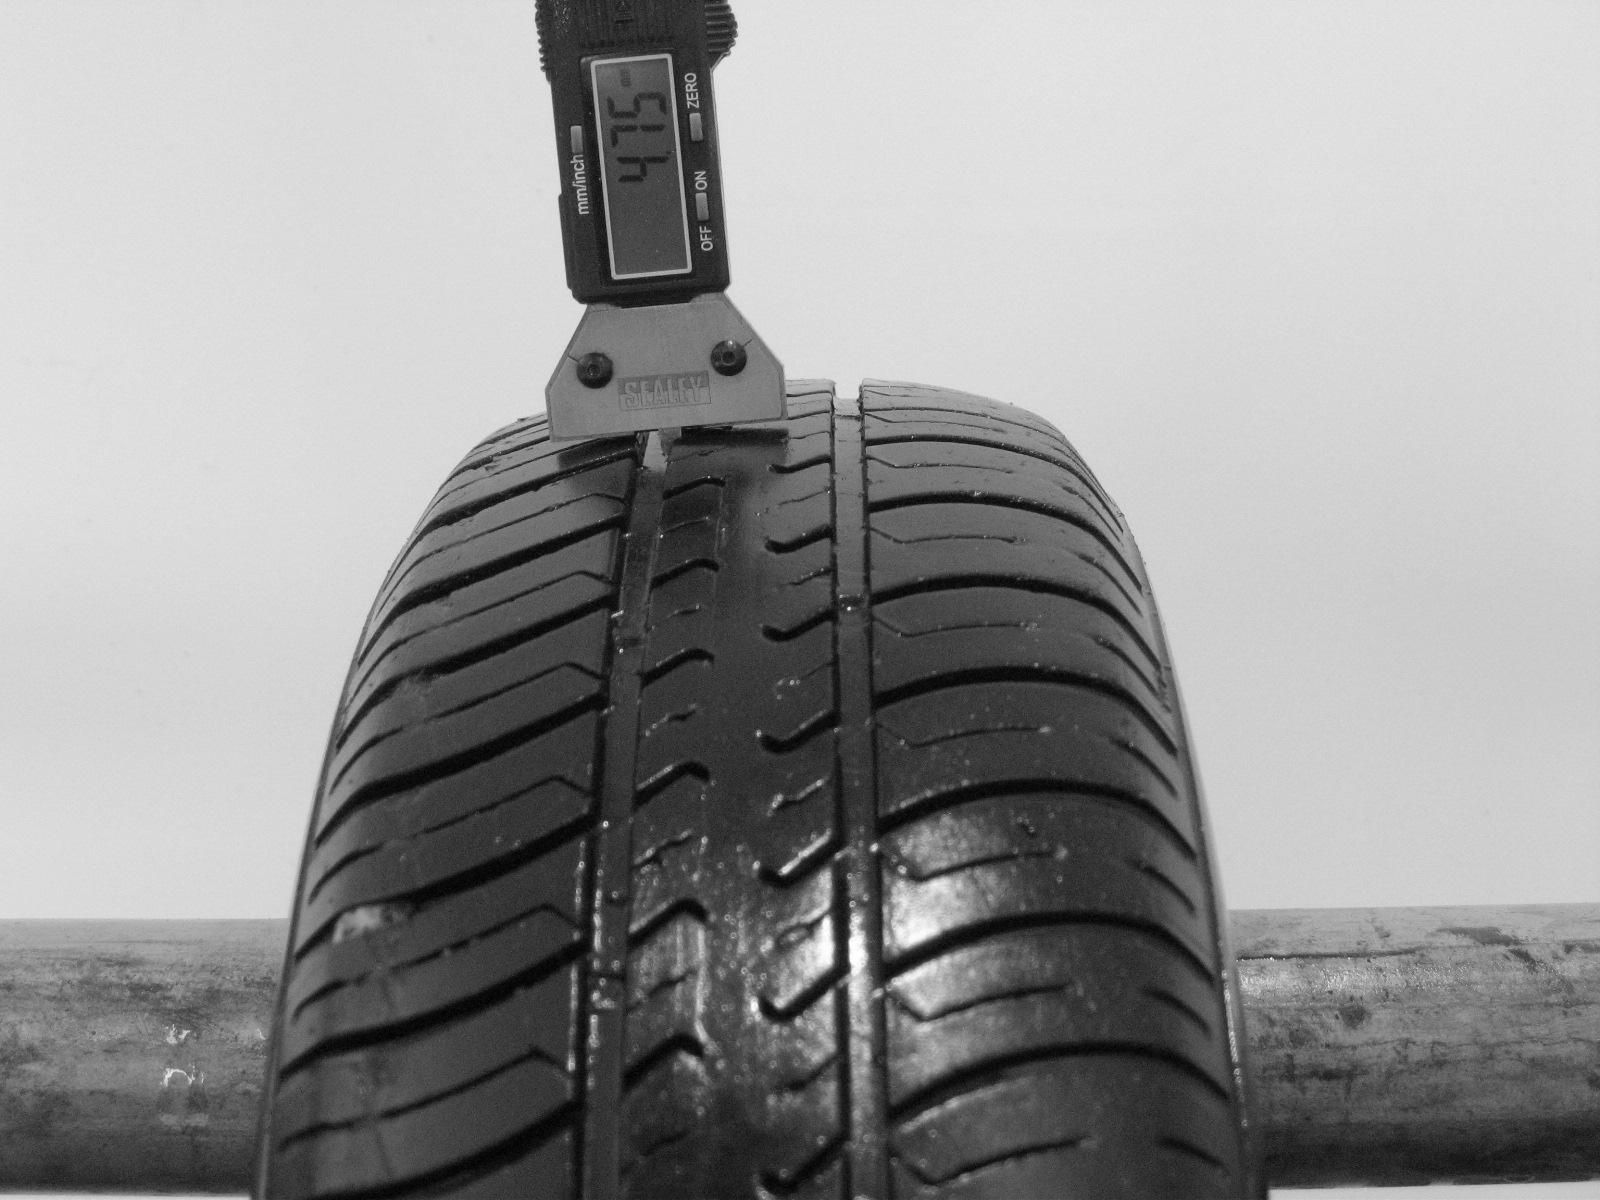 Použité-Pneu-Bazar - 165/70 R13 KLEBER VIAXER -kusovka-rezerva 3mm